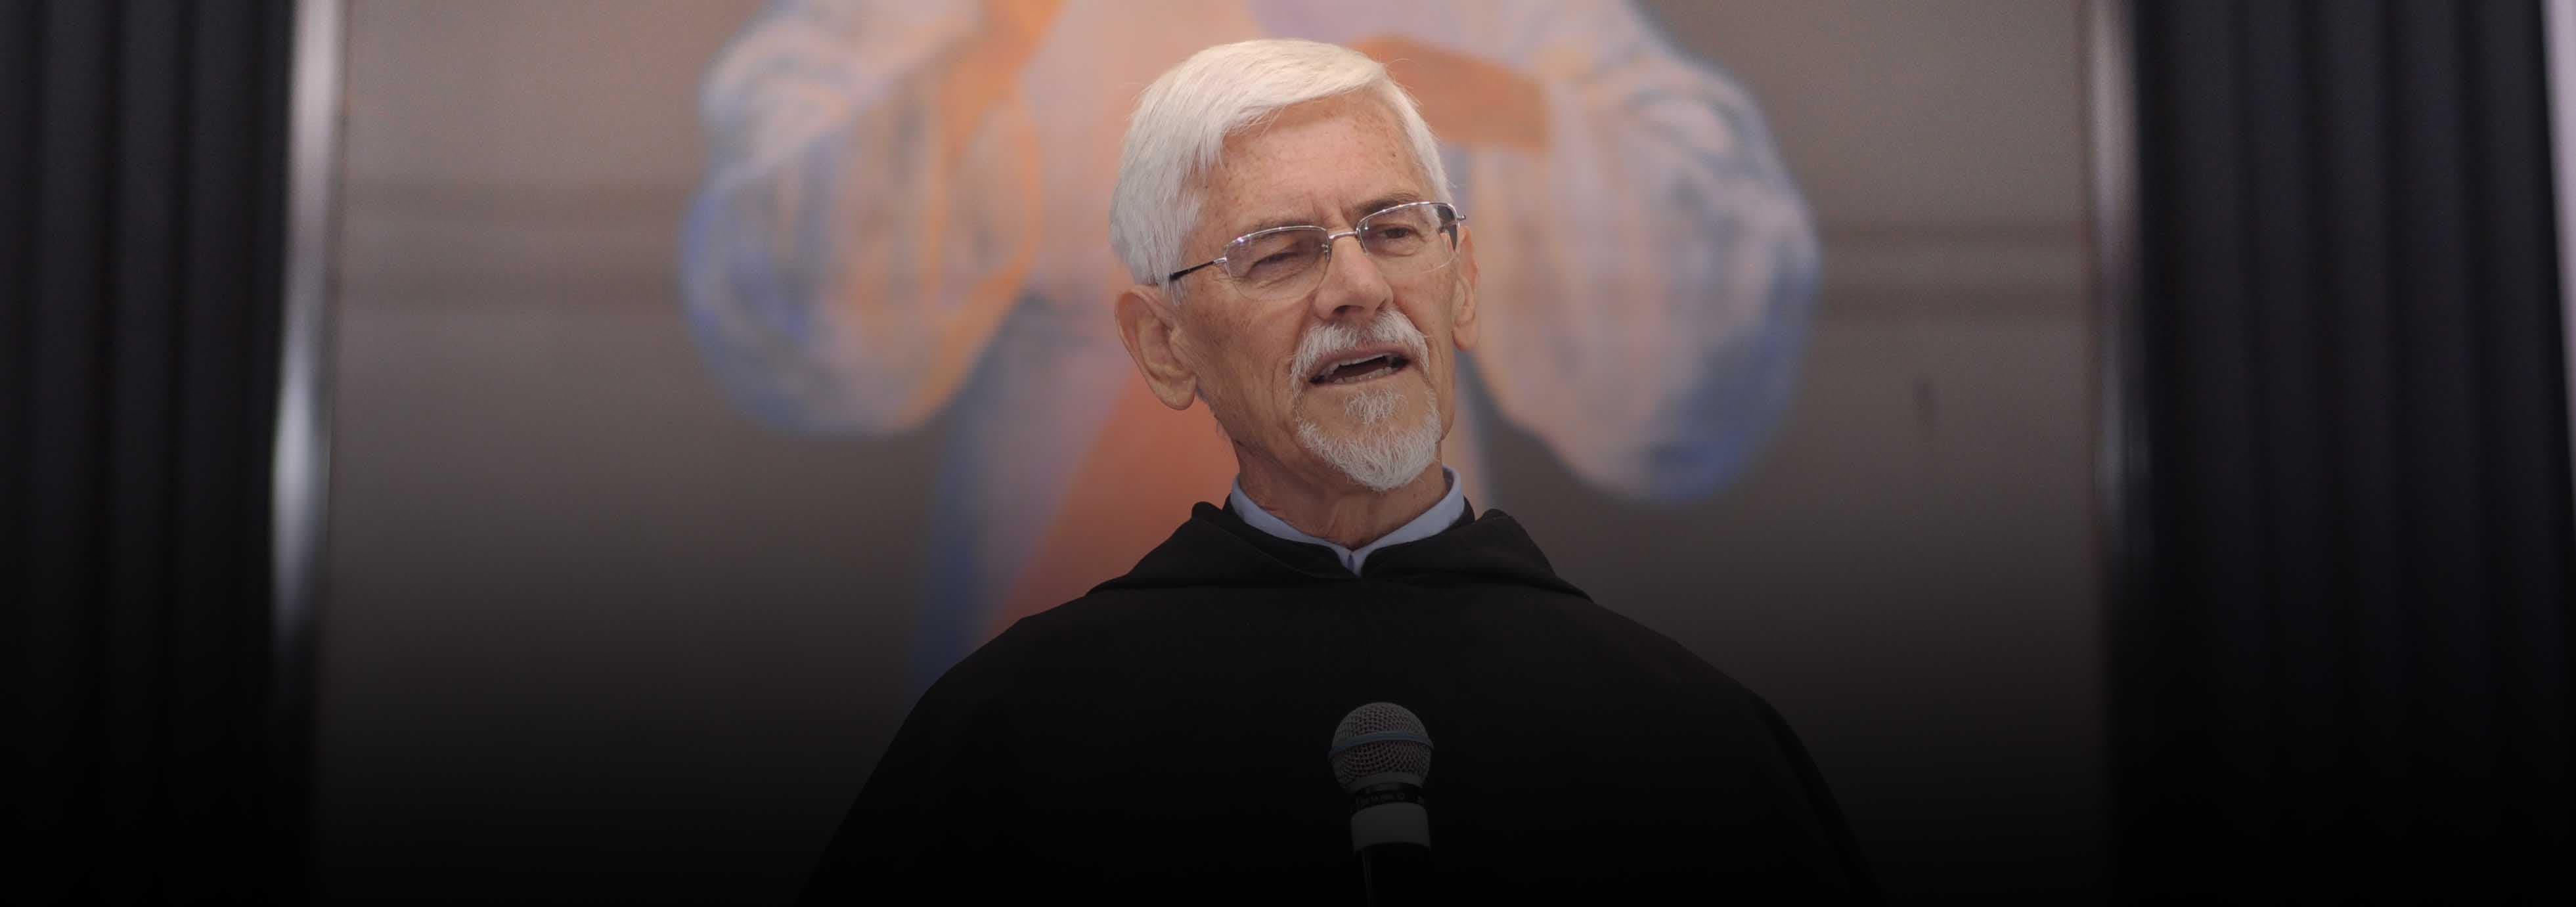 Irmão de Leonardo Boff defende Bento XVI e critica Teologia da Libertação